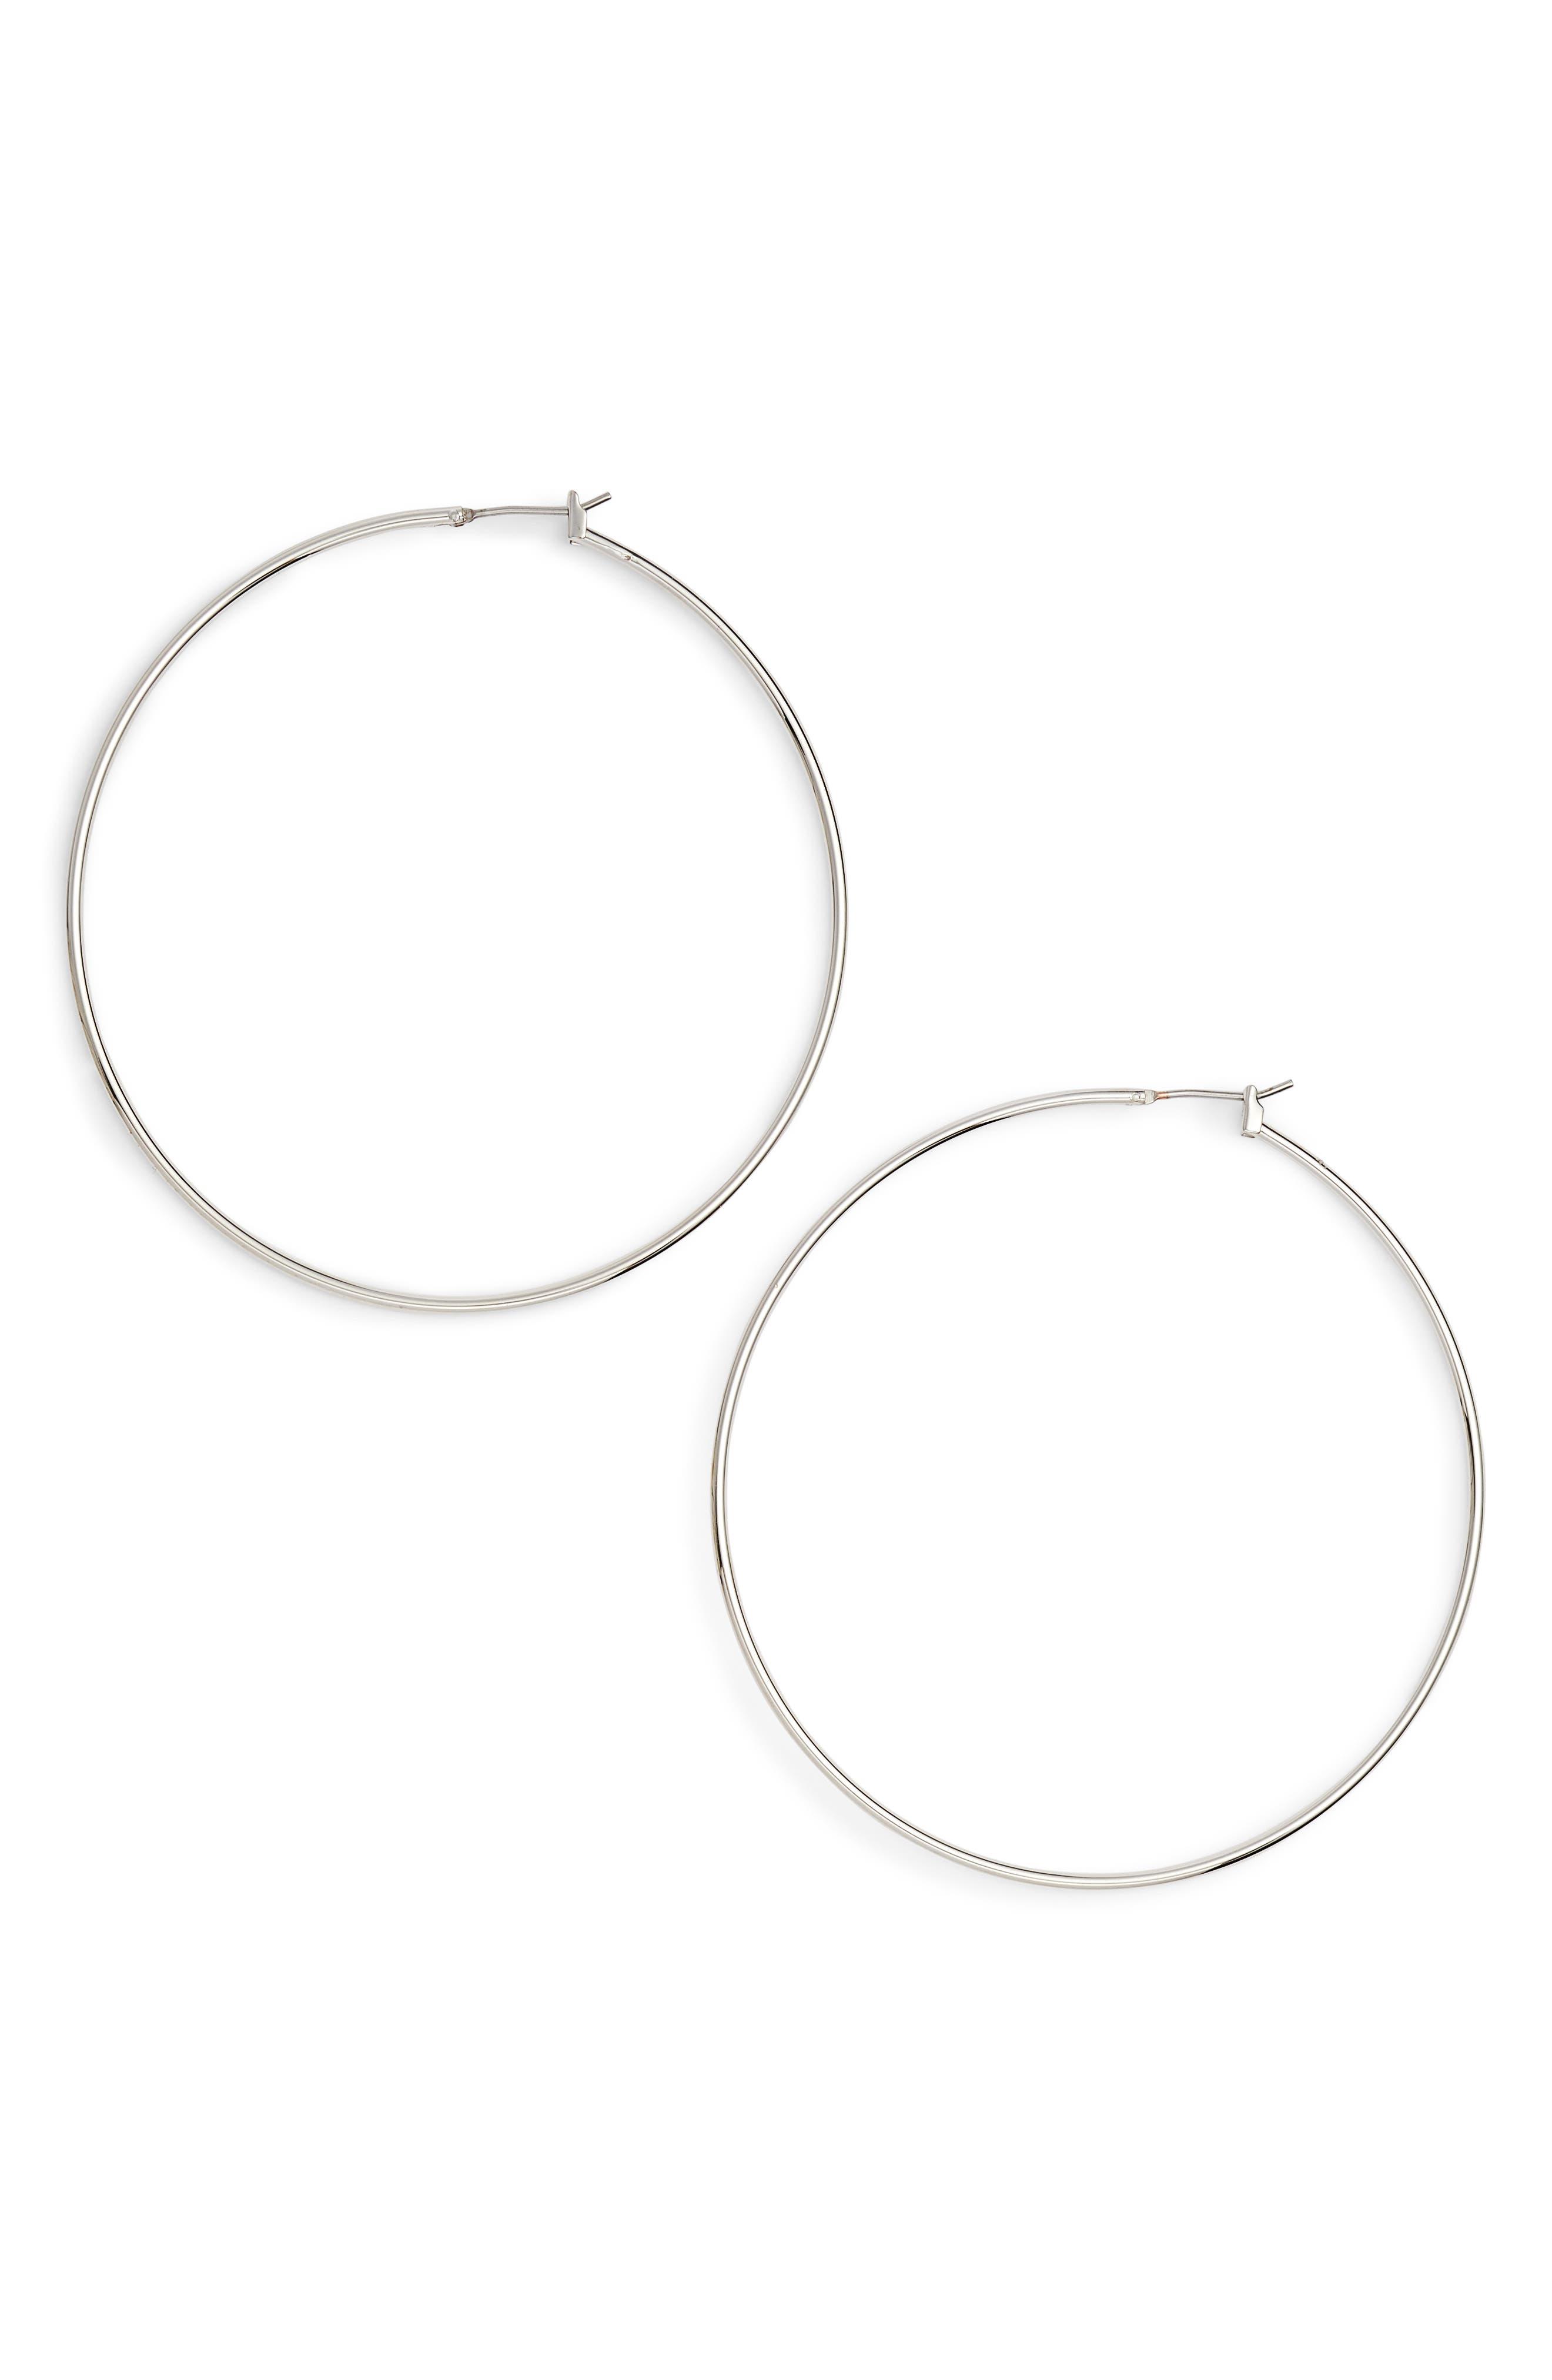 Classic Thin Hoop Earrings,                             Main thumbnail 1, color,                             RHODIUM